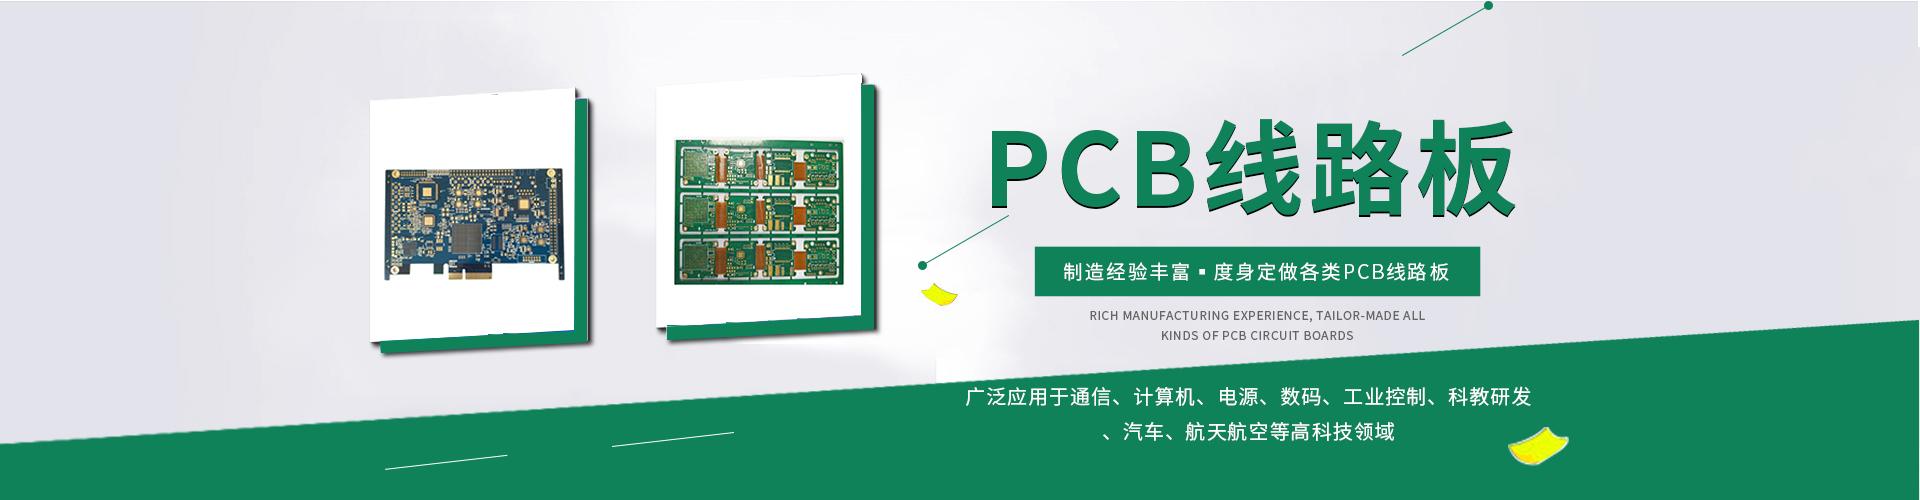 电路板,pcb板,线路板,pcb打样